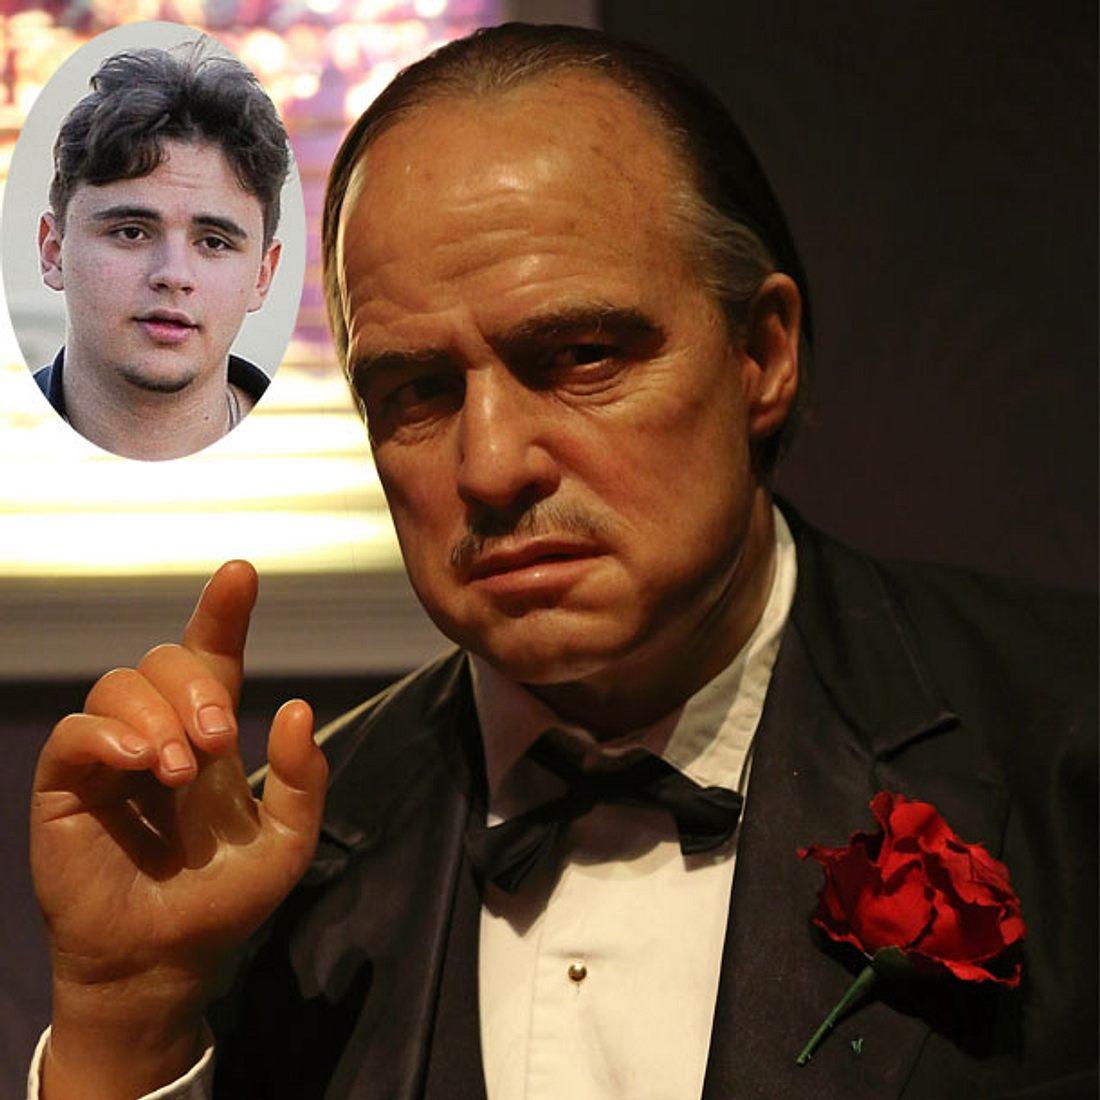 Prince Michael Jackson: Der Pate Marlon Brando soll sein biologischer Vater sein?